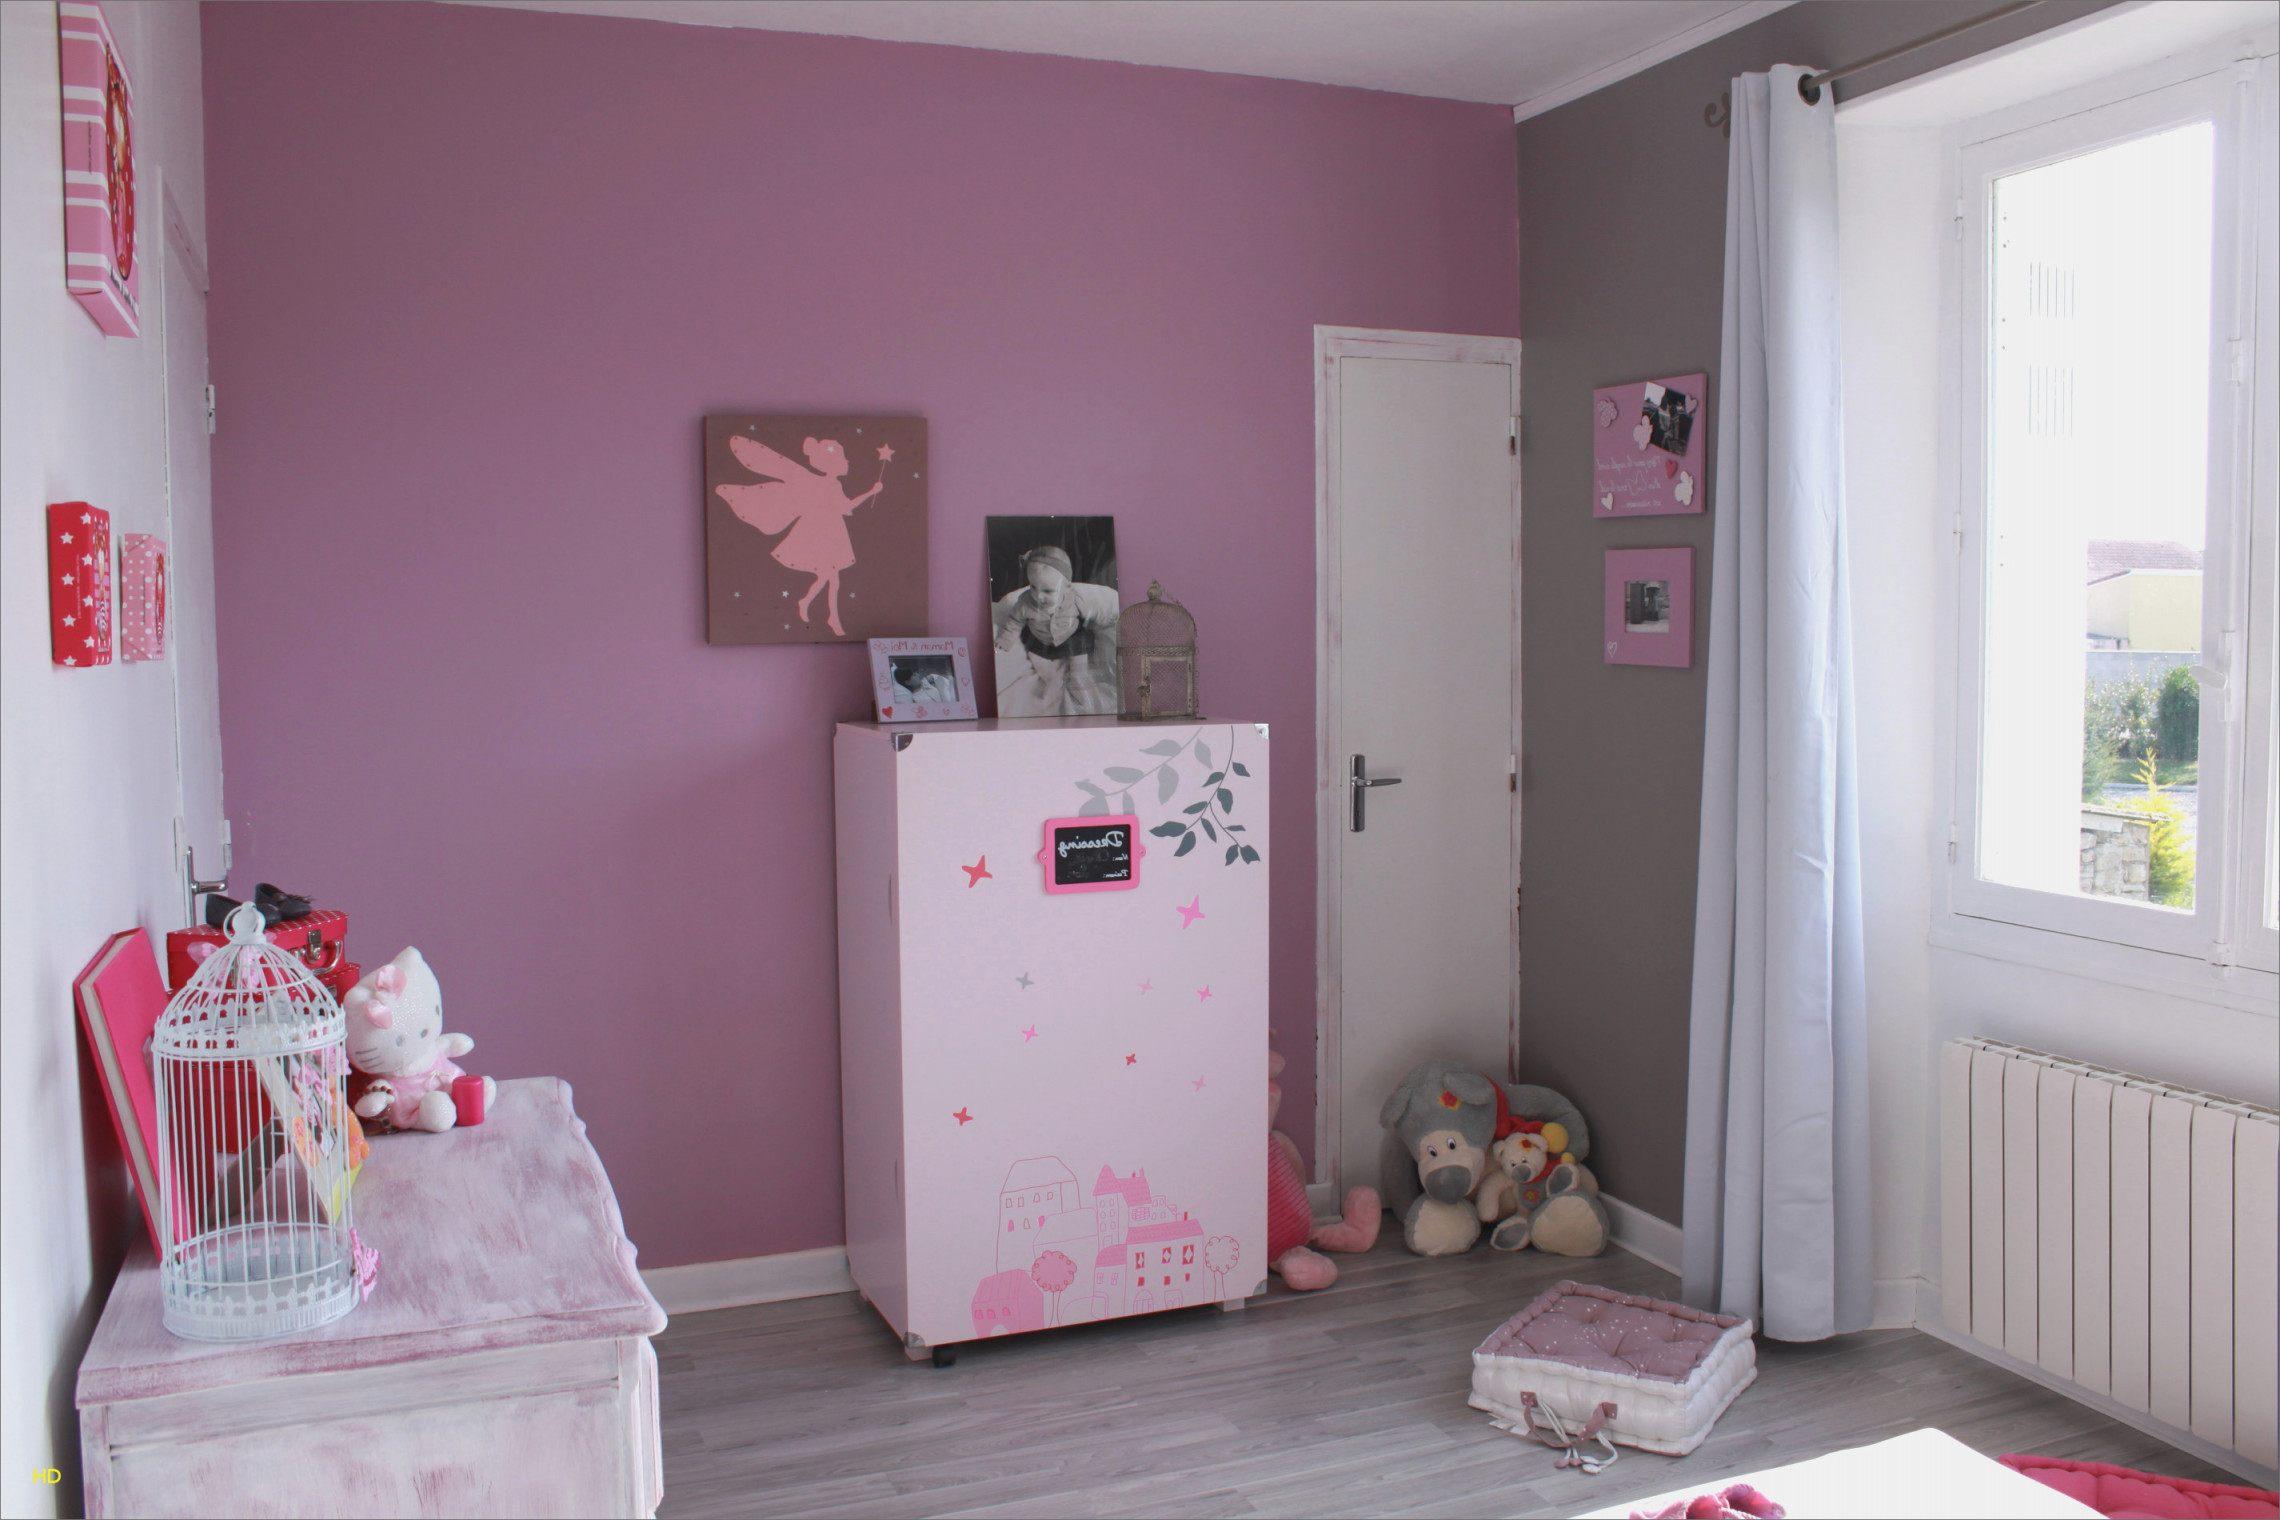 Accessoire Lit Bébé Bel Accessoire Baignoire Bébé Moderne Ma Chambre De Bébé Chambre Bébé